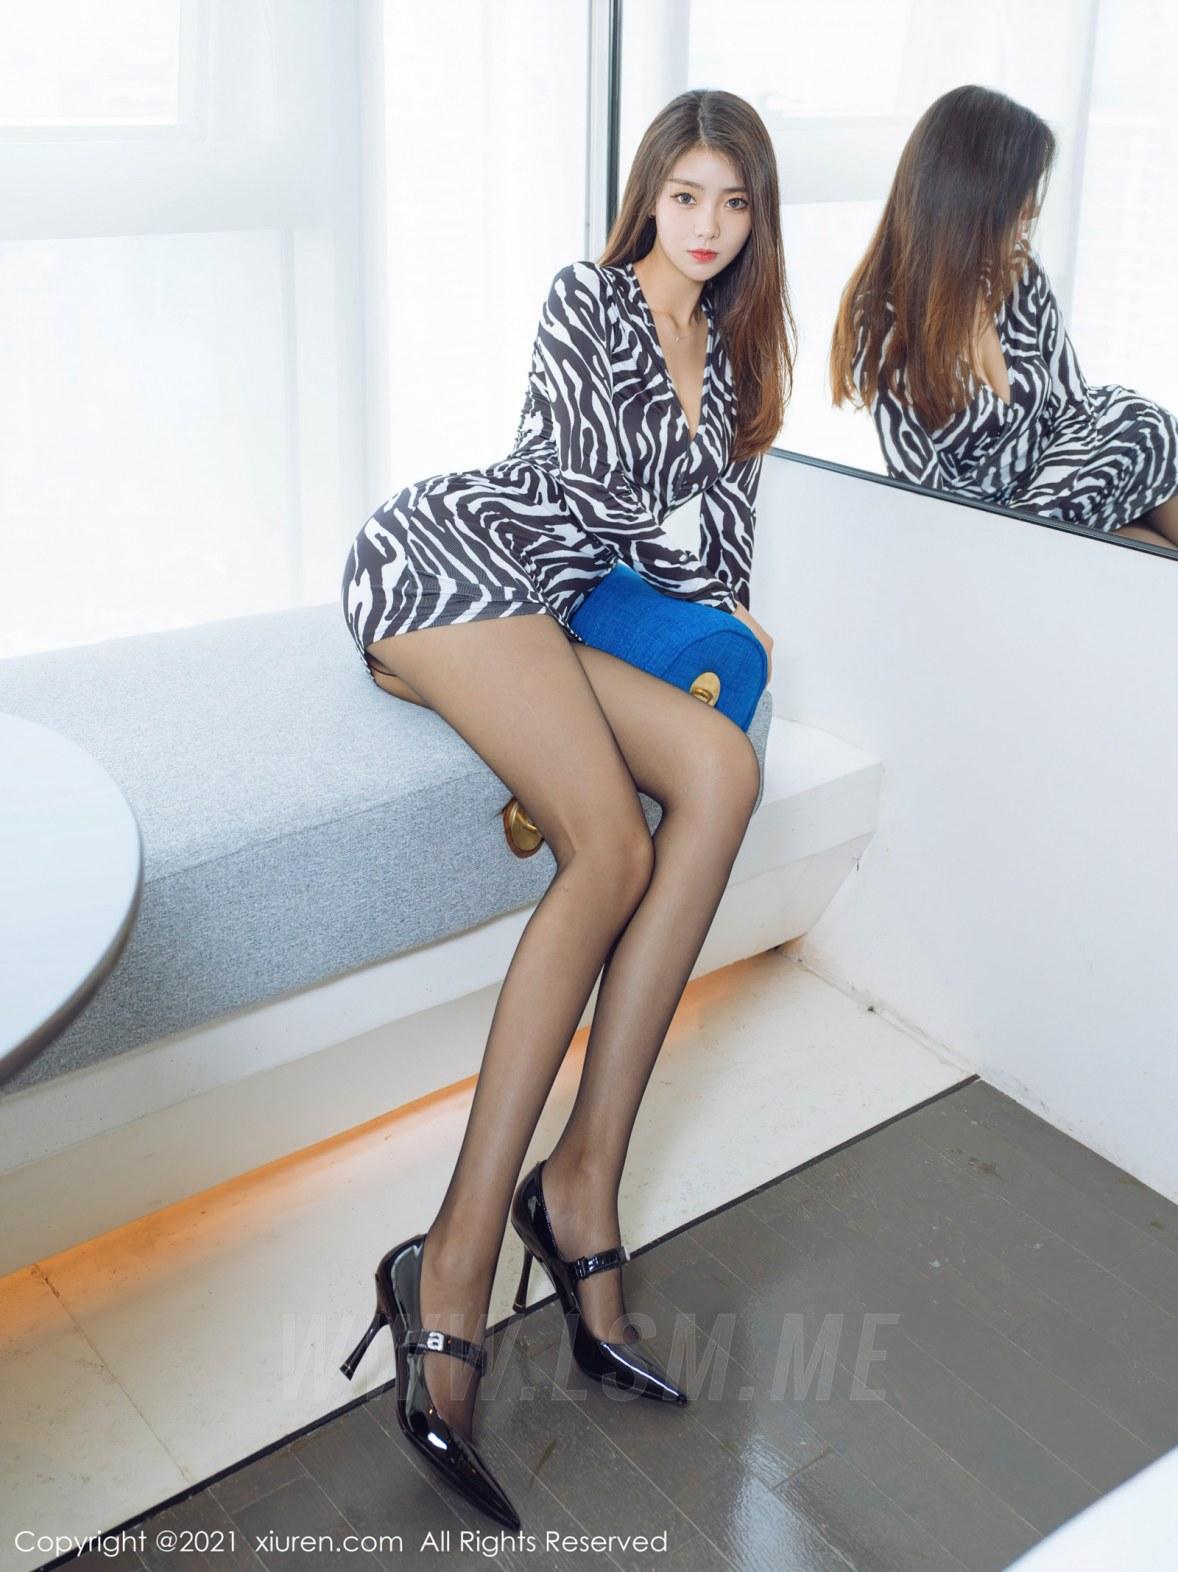 3890 002 n9q 4047 5400 - XiuRen 秀人 No.3890 斑纹短裙 可樂Vicky 性感写真2 - 秀人网 -【免费在线写真】【丽人丝语】